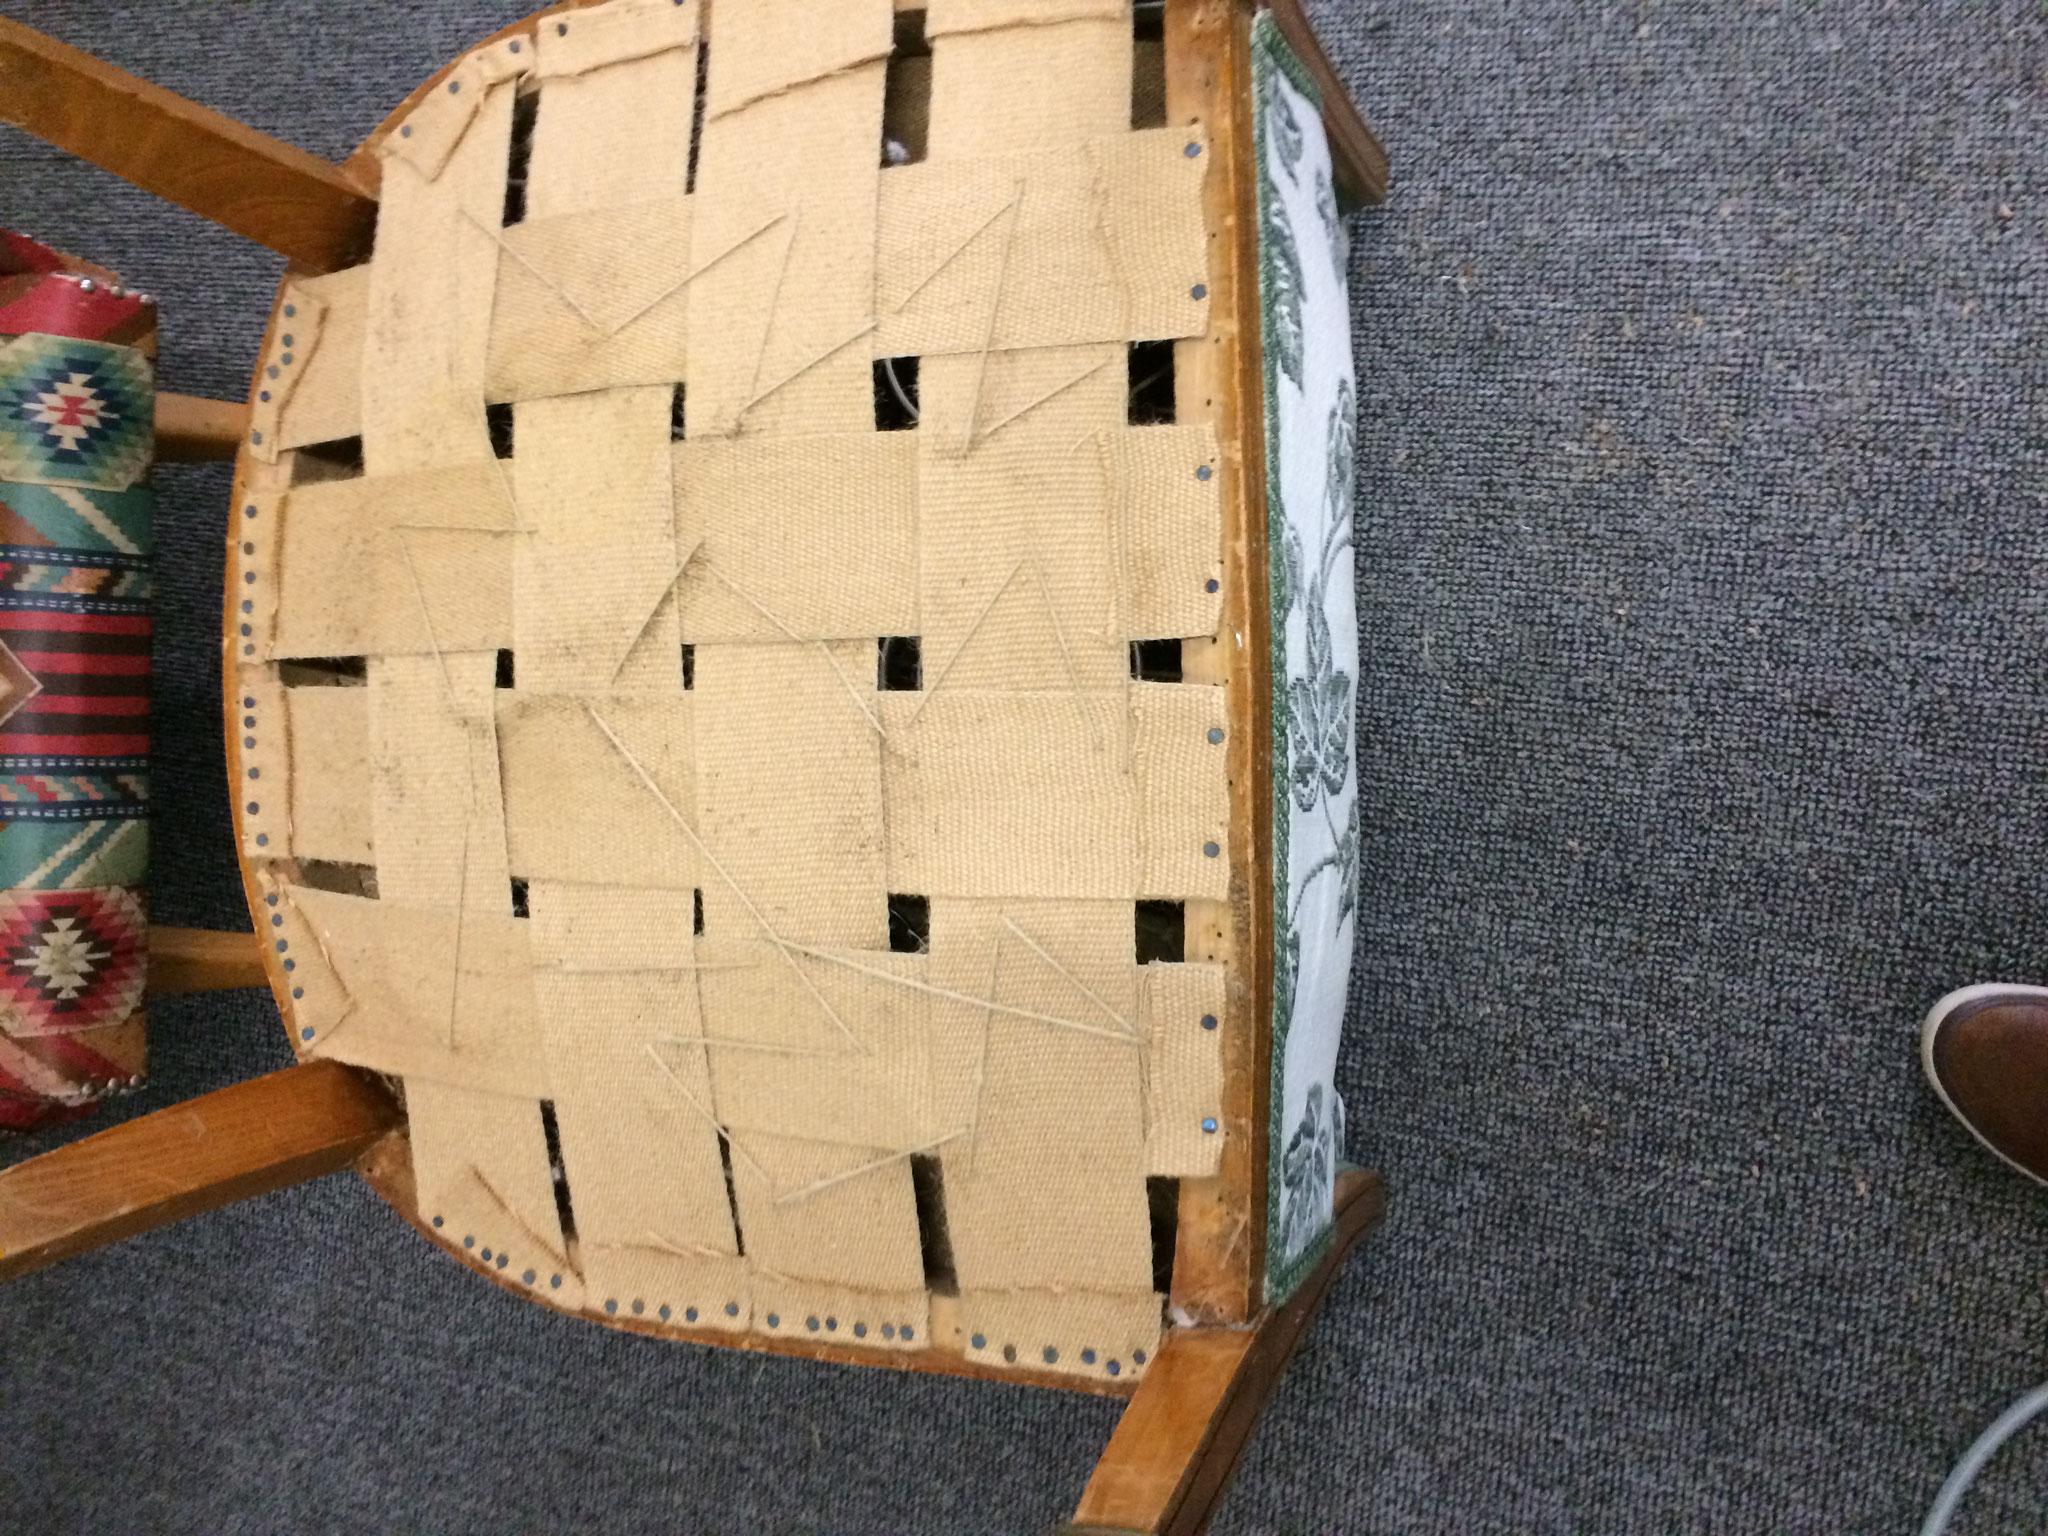 remplacement de garniture et de mousse d 39 ameublement tapissier brignais lyon sp cialiste. Black Bedroom Furniture Sets. Home Design Ideas